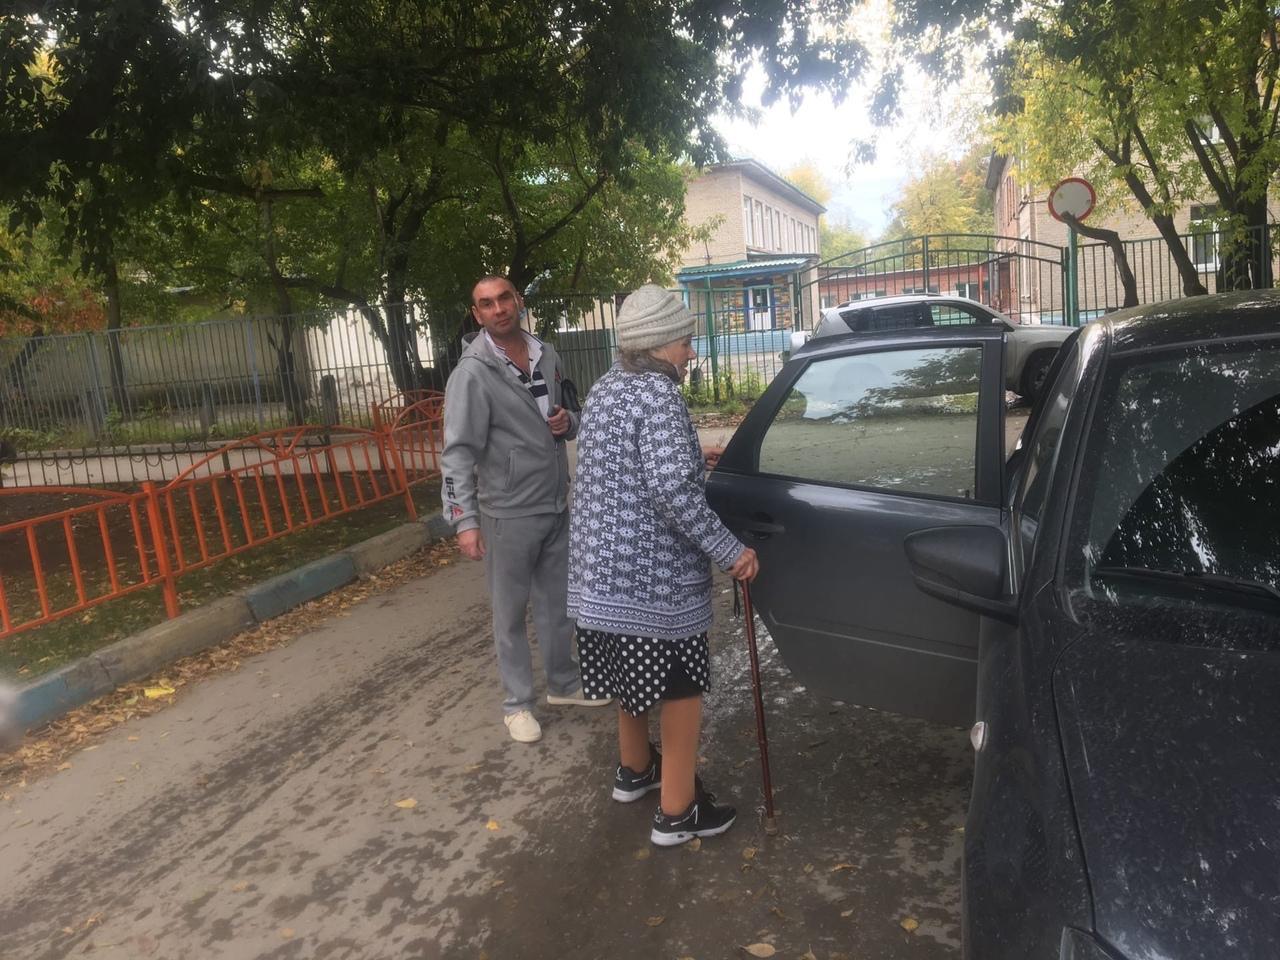 Фото Выборы в Новосибирске: онлайн дня голосования за депутатов Госдумы 19 сентября 2021 года 29